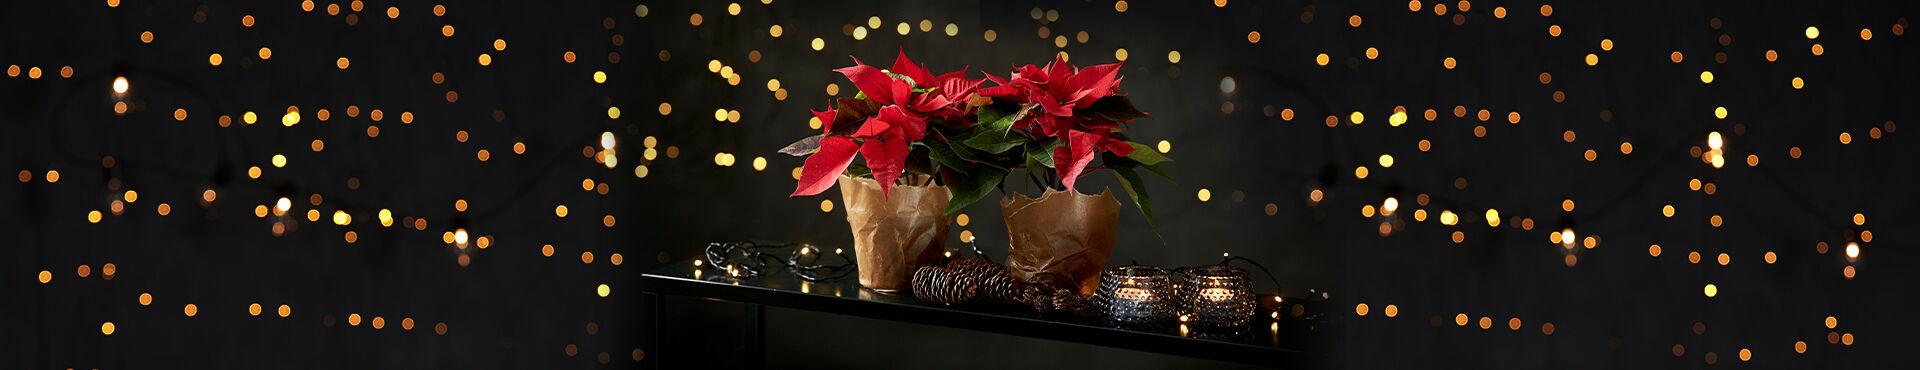 Julstjärna på ett bord mot en bakgrund av en ljusslinga